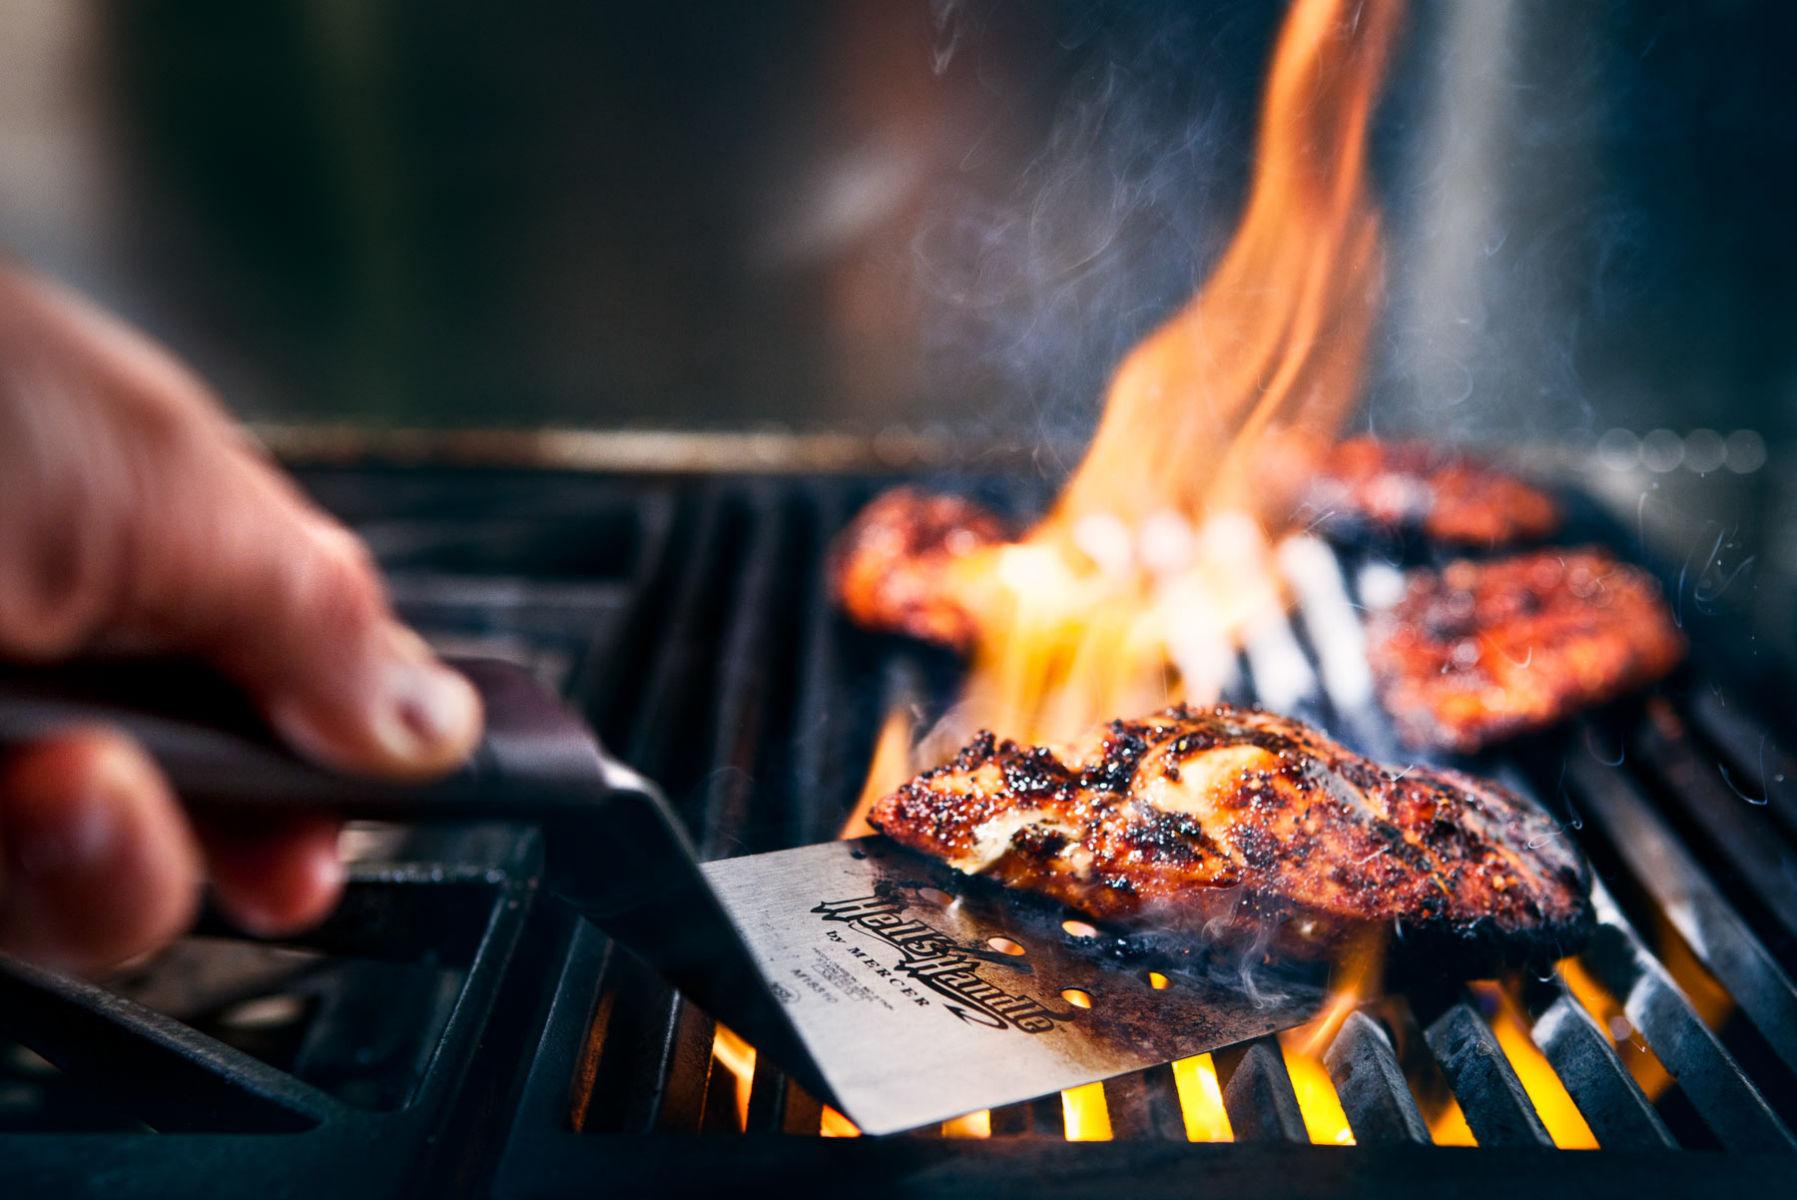 Secret of Making Smoked Pork